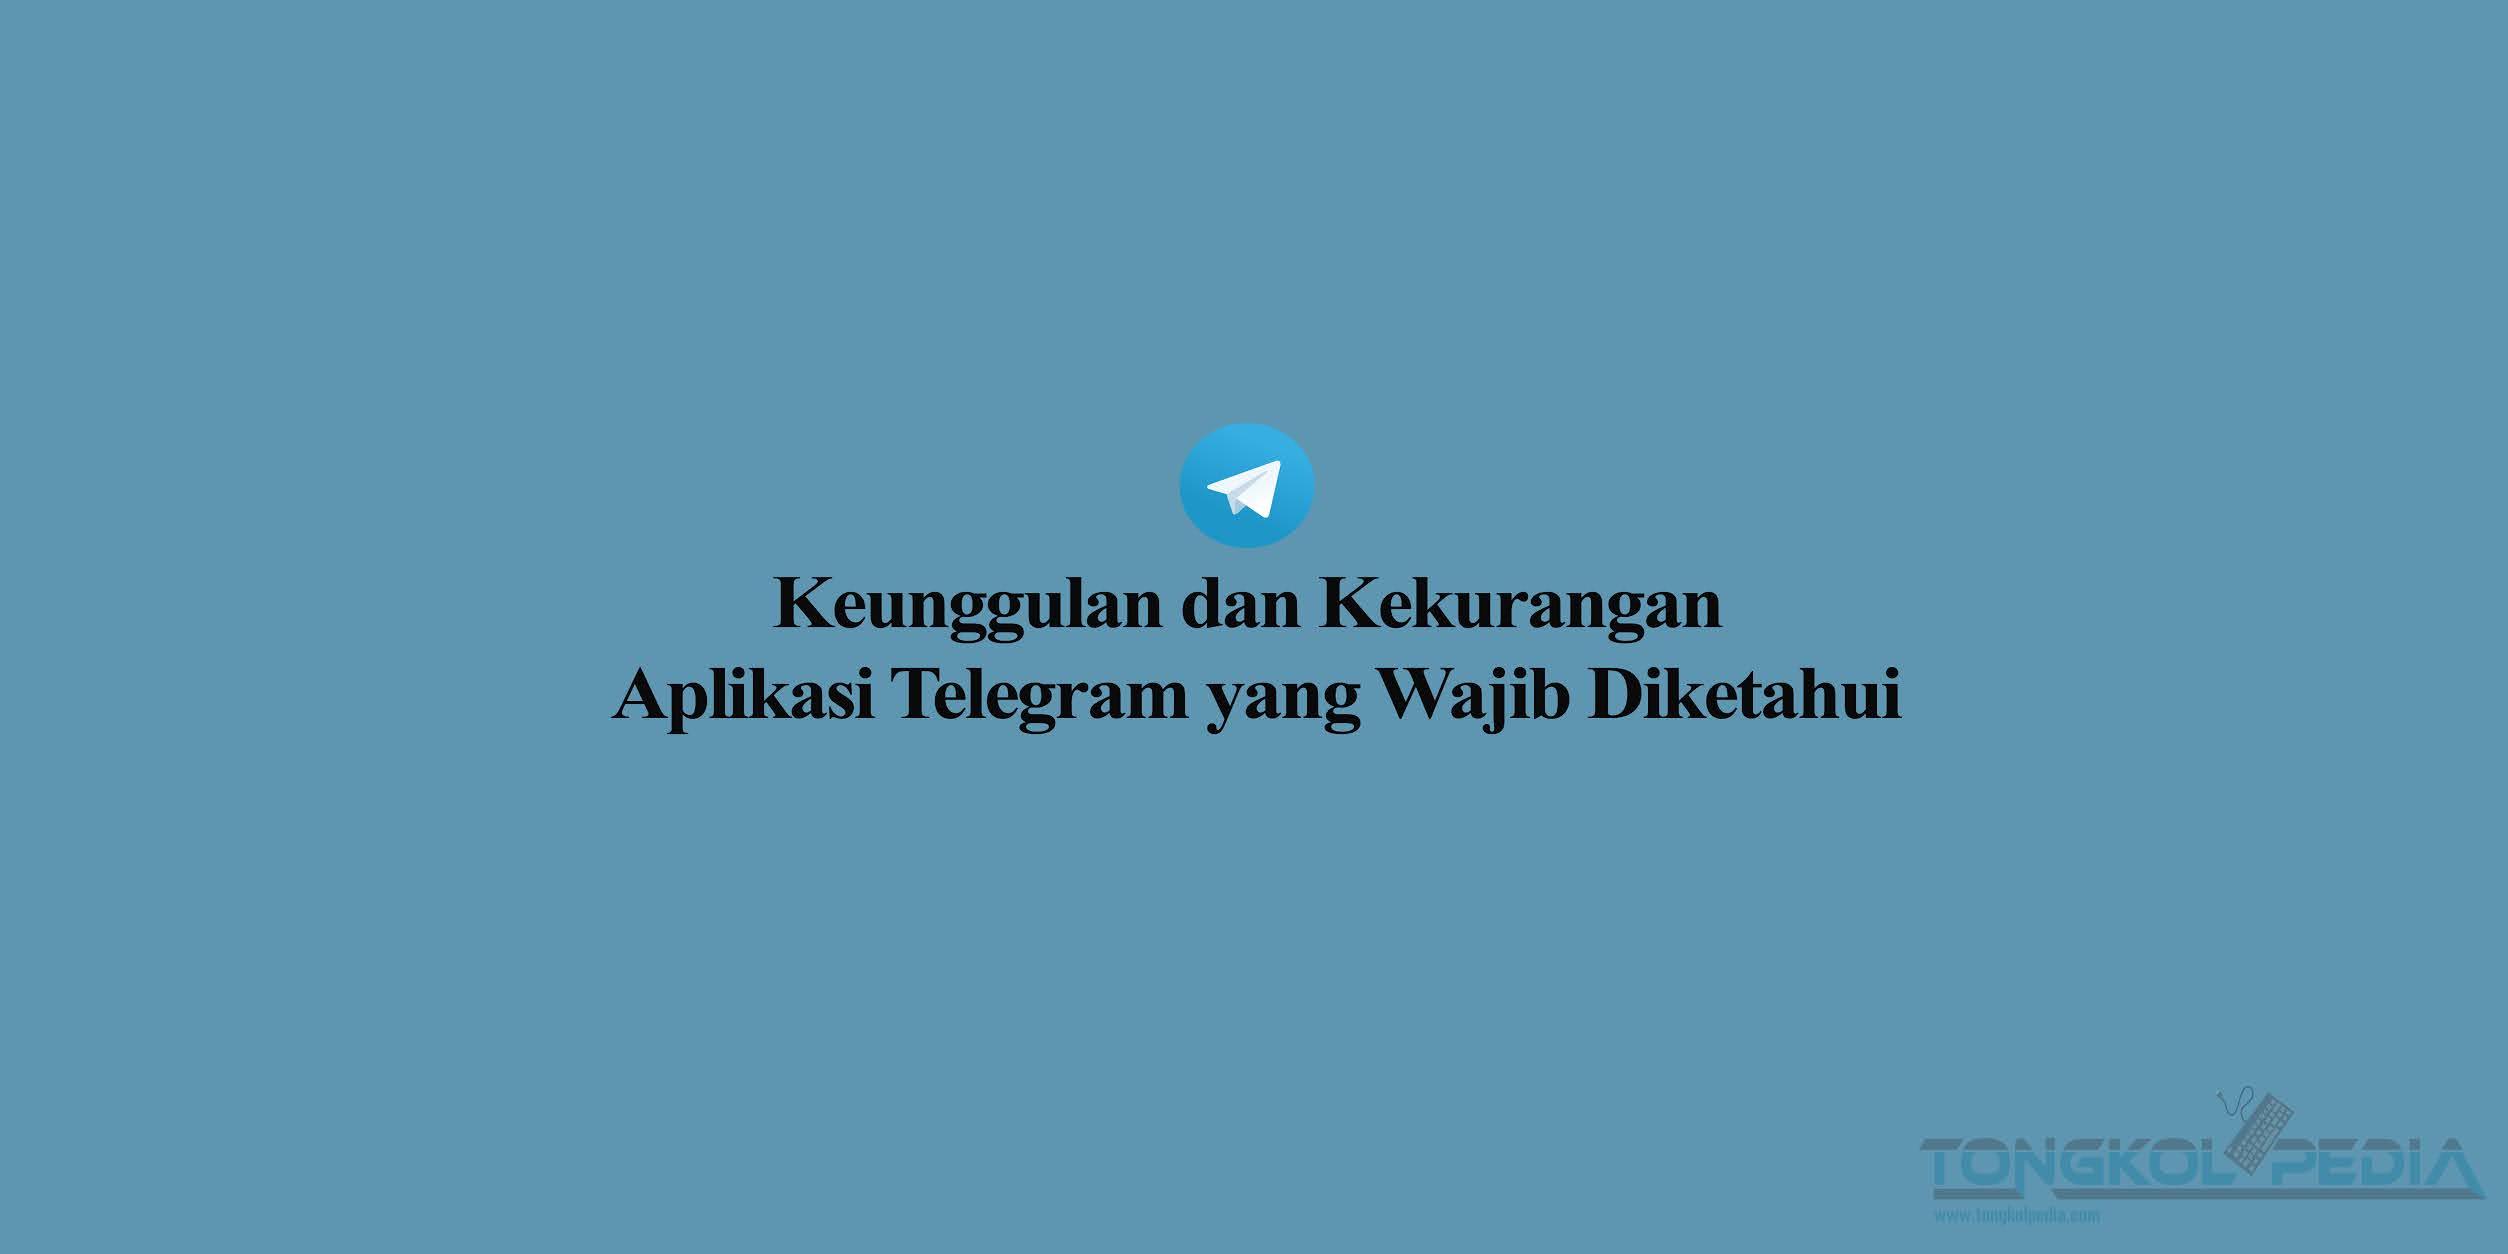 Kelebihan dan kekurangan aplikasi telegram